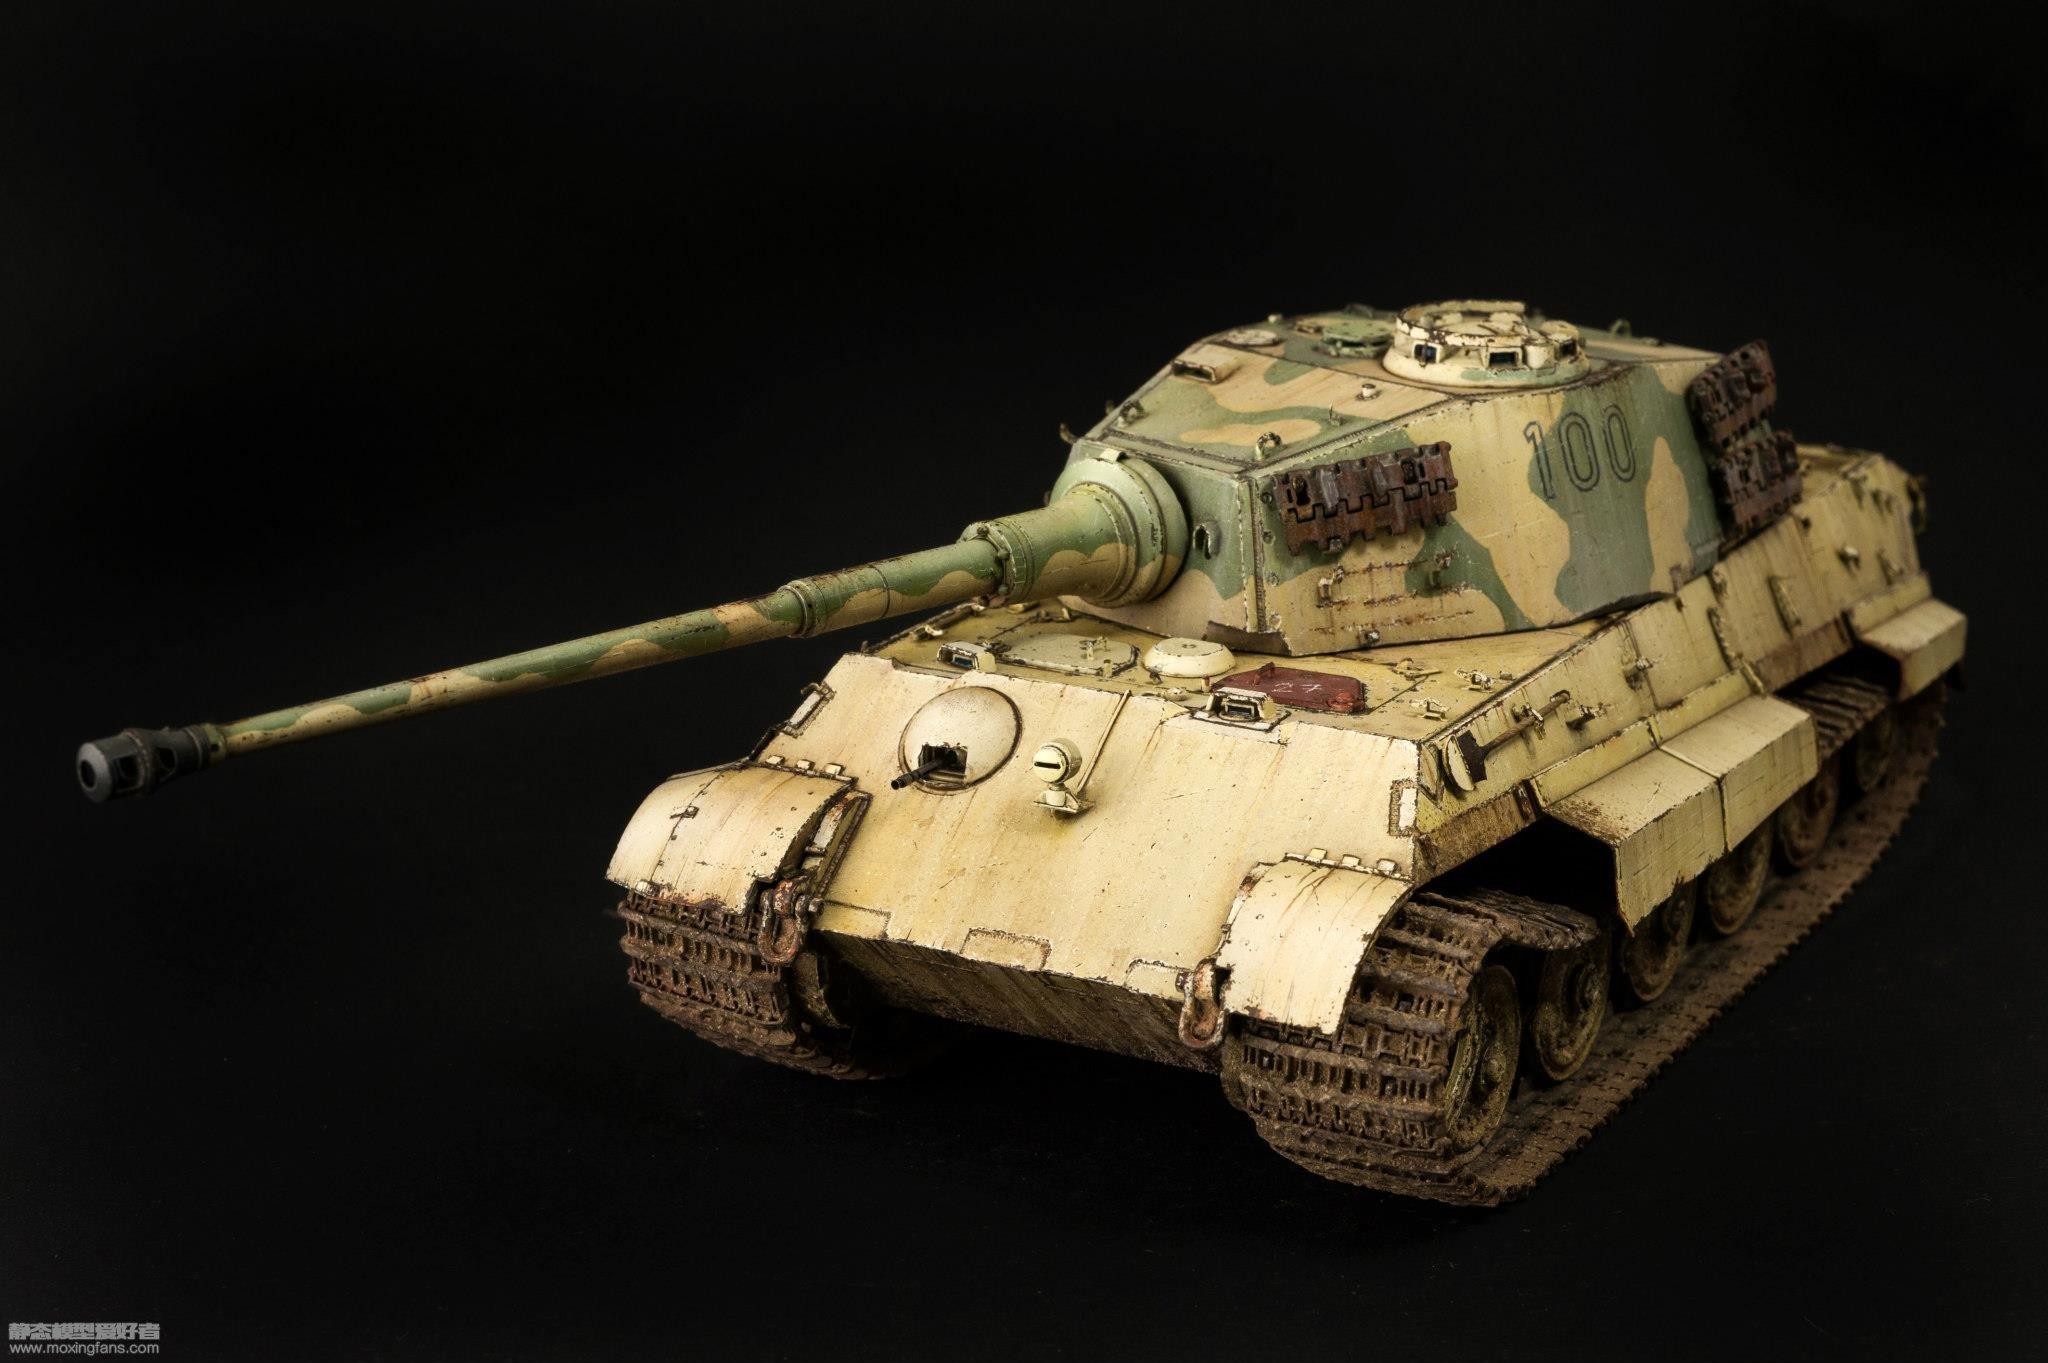 虎王重型坦克 涂装_虎王坦克_坦克壁纸_谢尔曼坦克-久久图片视频